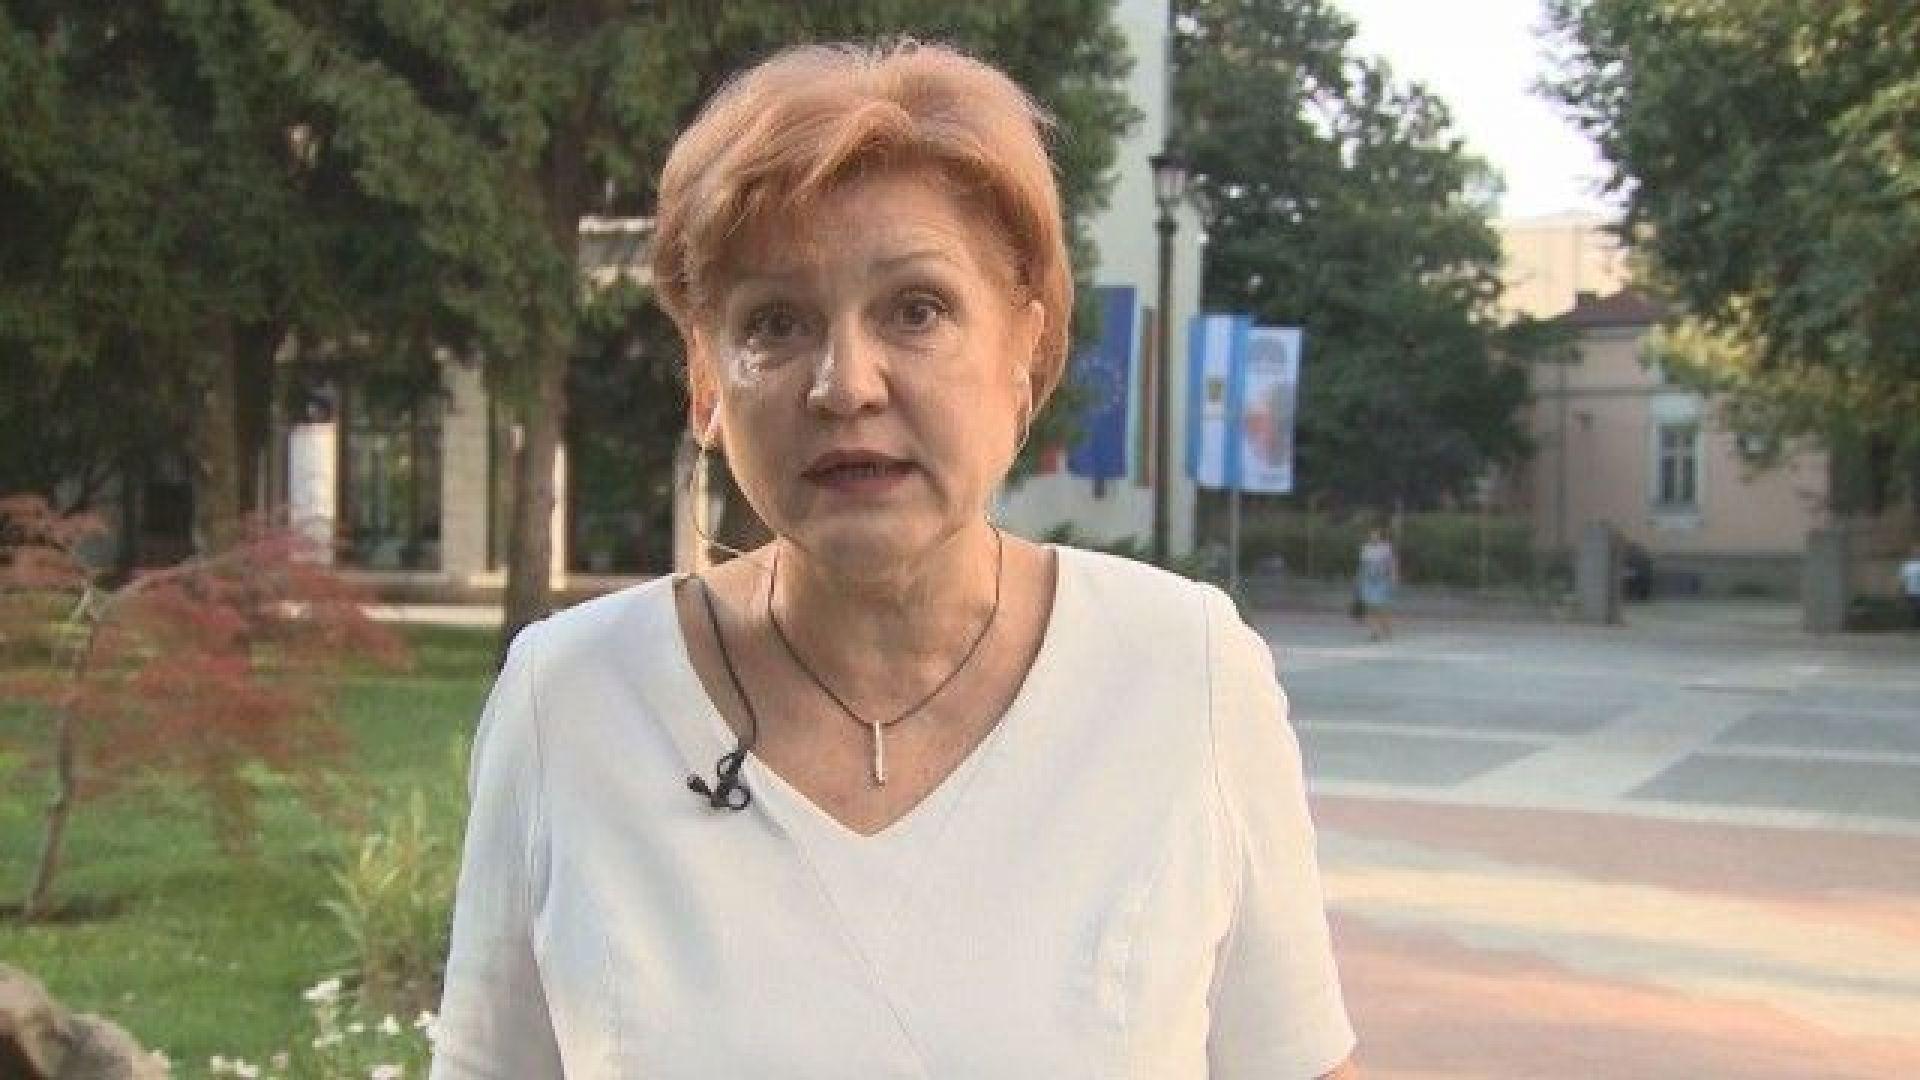 Менда Стоянова не била цигарен, а бюджетен лобист